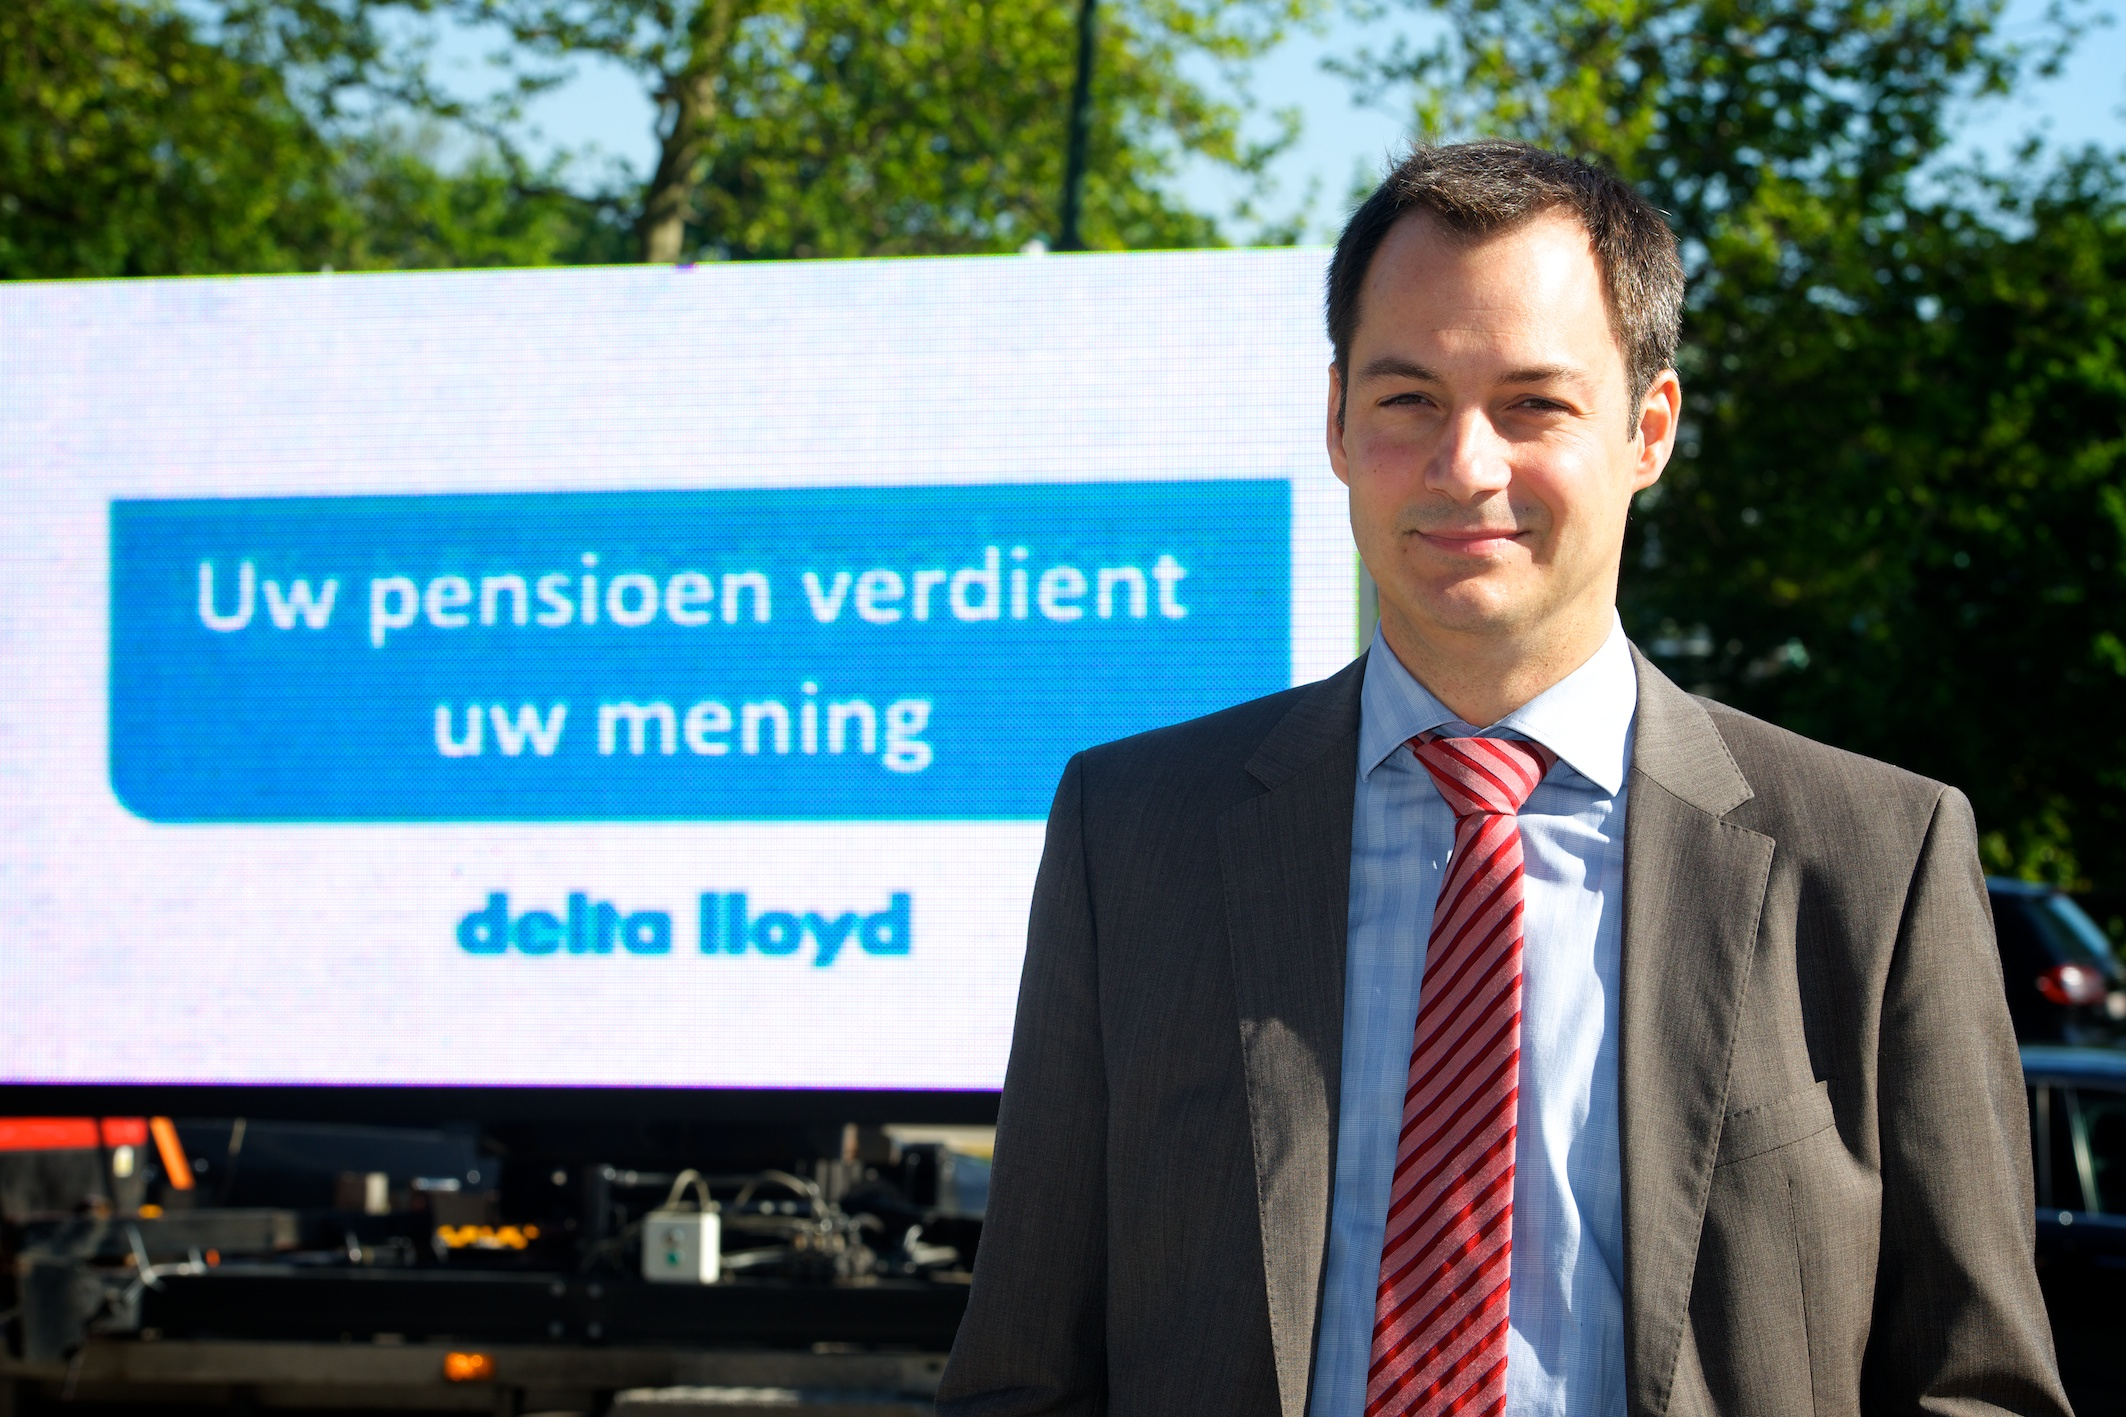 Alexander De Croo voor Delta Lloyd